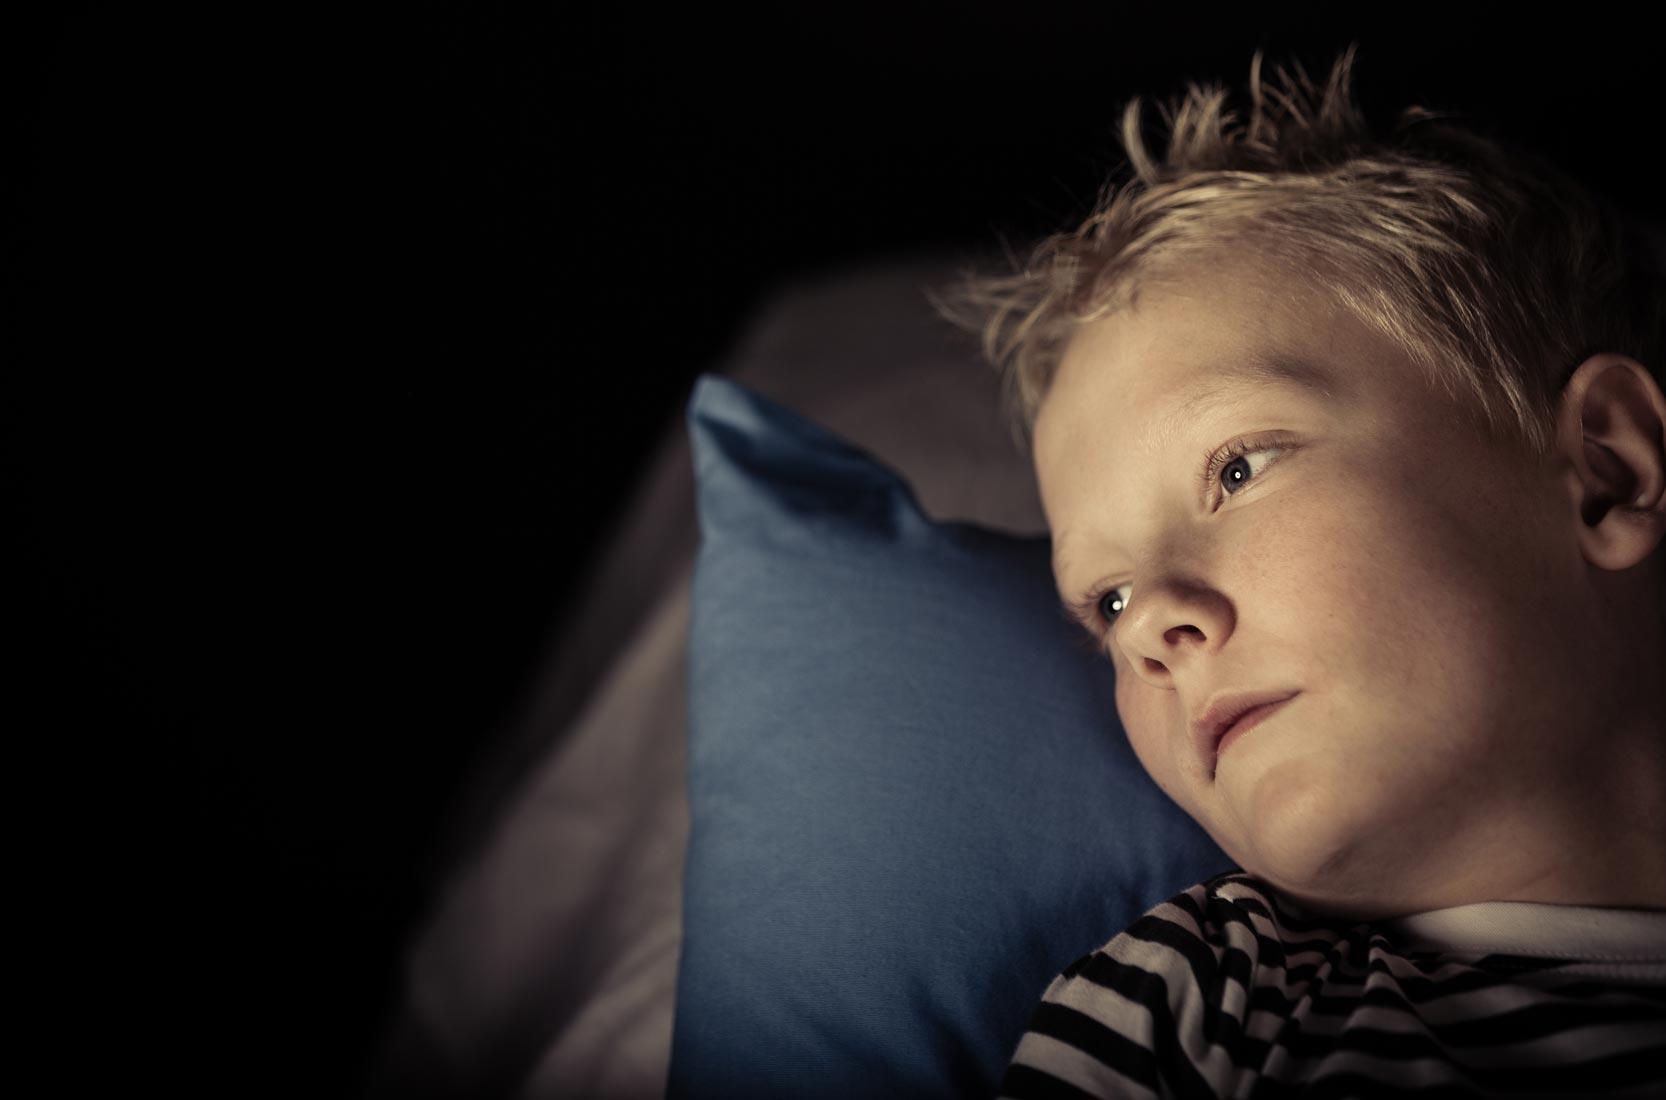 Schlafprobleme und ihre Ursachen: Finden Sie heraus, woran Ihre Schlafprobleme liegen